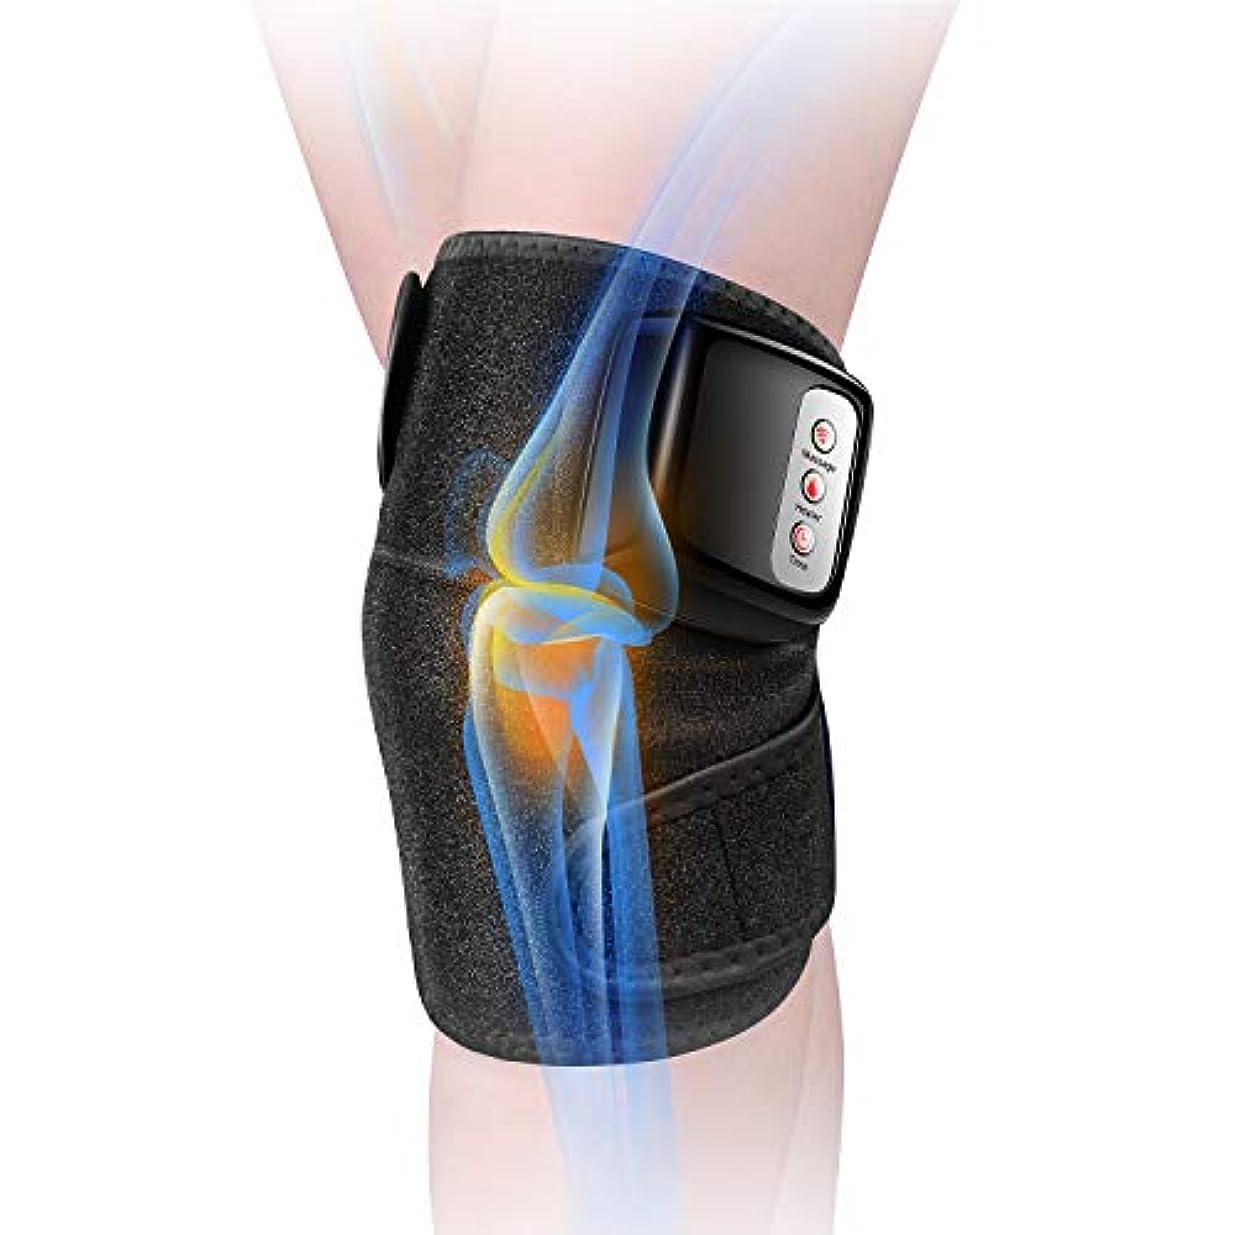 セグメントスタウト金銭的膝マッサージャー 関節マッサージャー マッサージ器 フットマッサージャー 振動 赤外線療法 温熱療法 膝サポーター ストレス解消 肩 太もも/腕対応